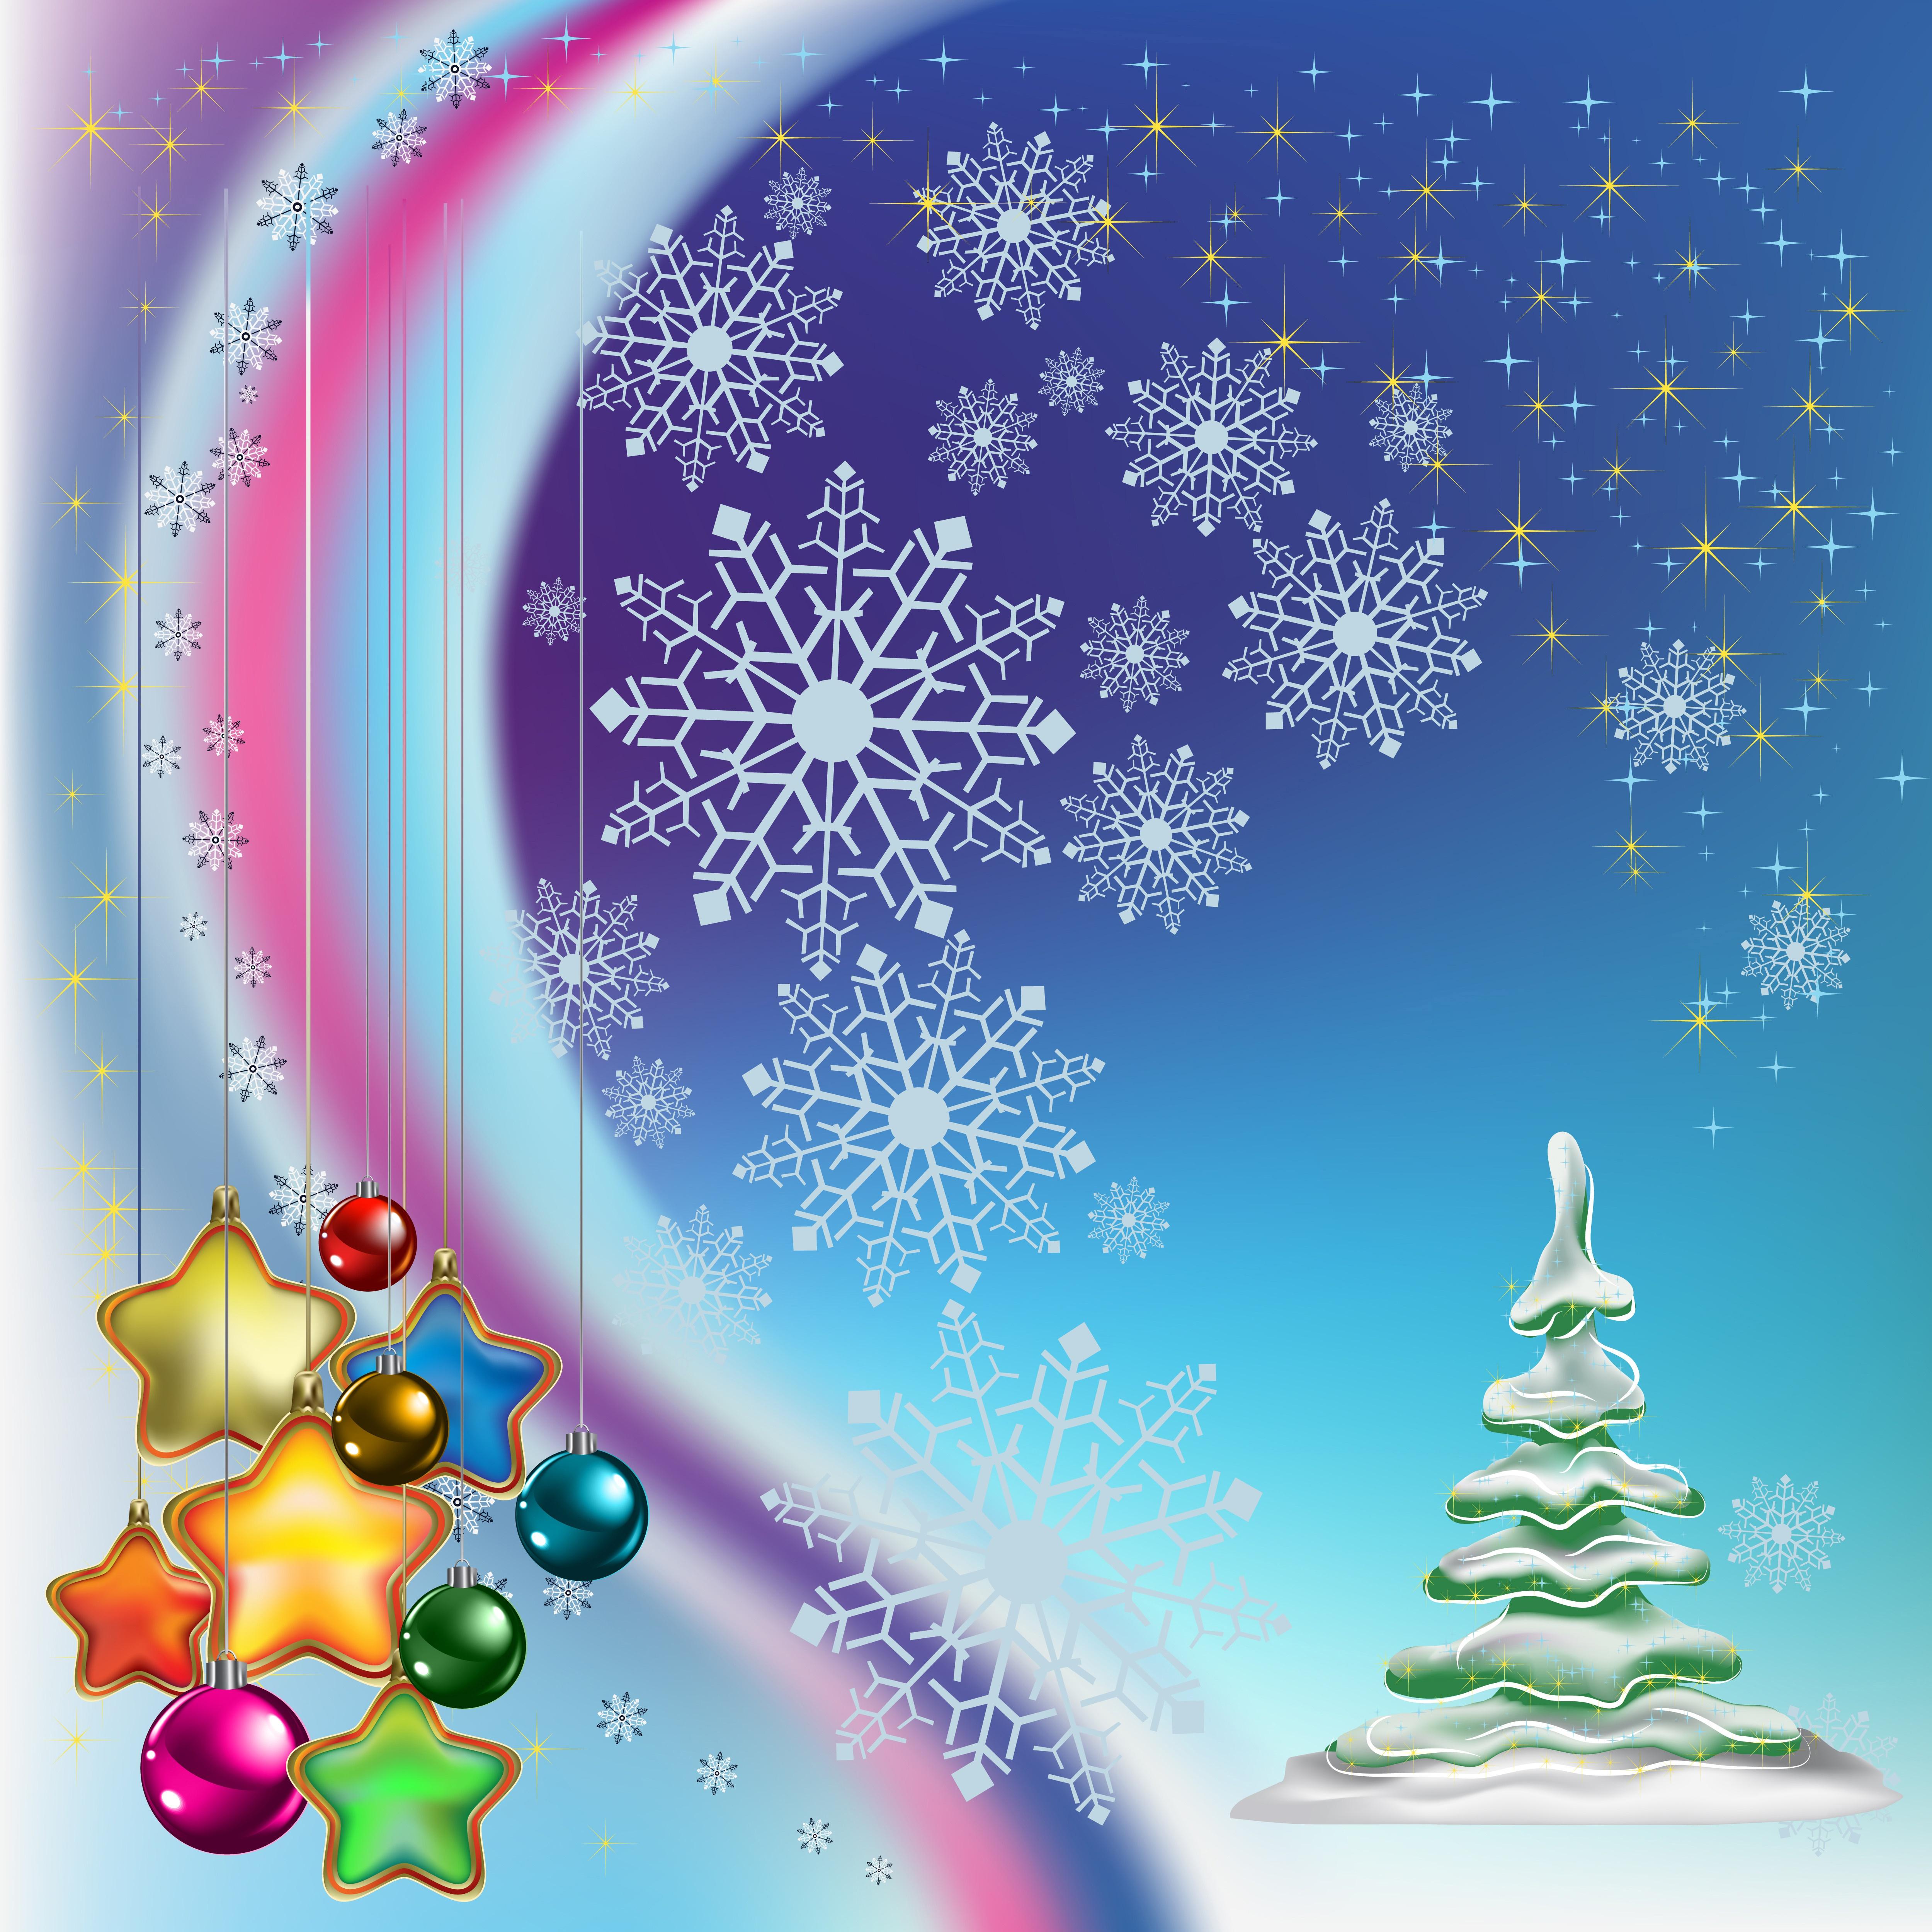 Открытки прикольные, открытка для афиши на новый год